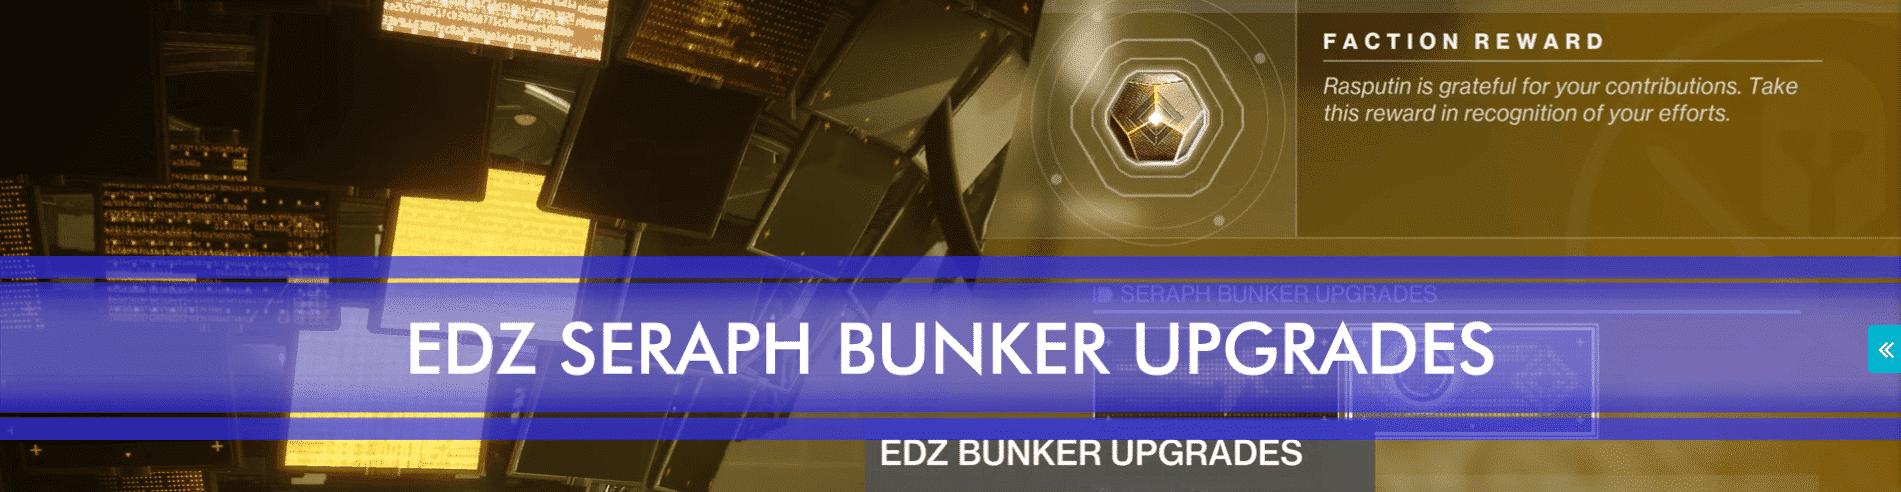 edz bunker